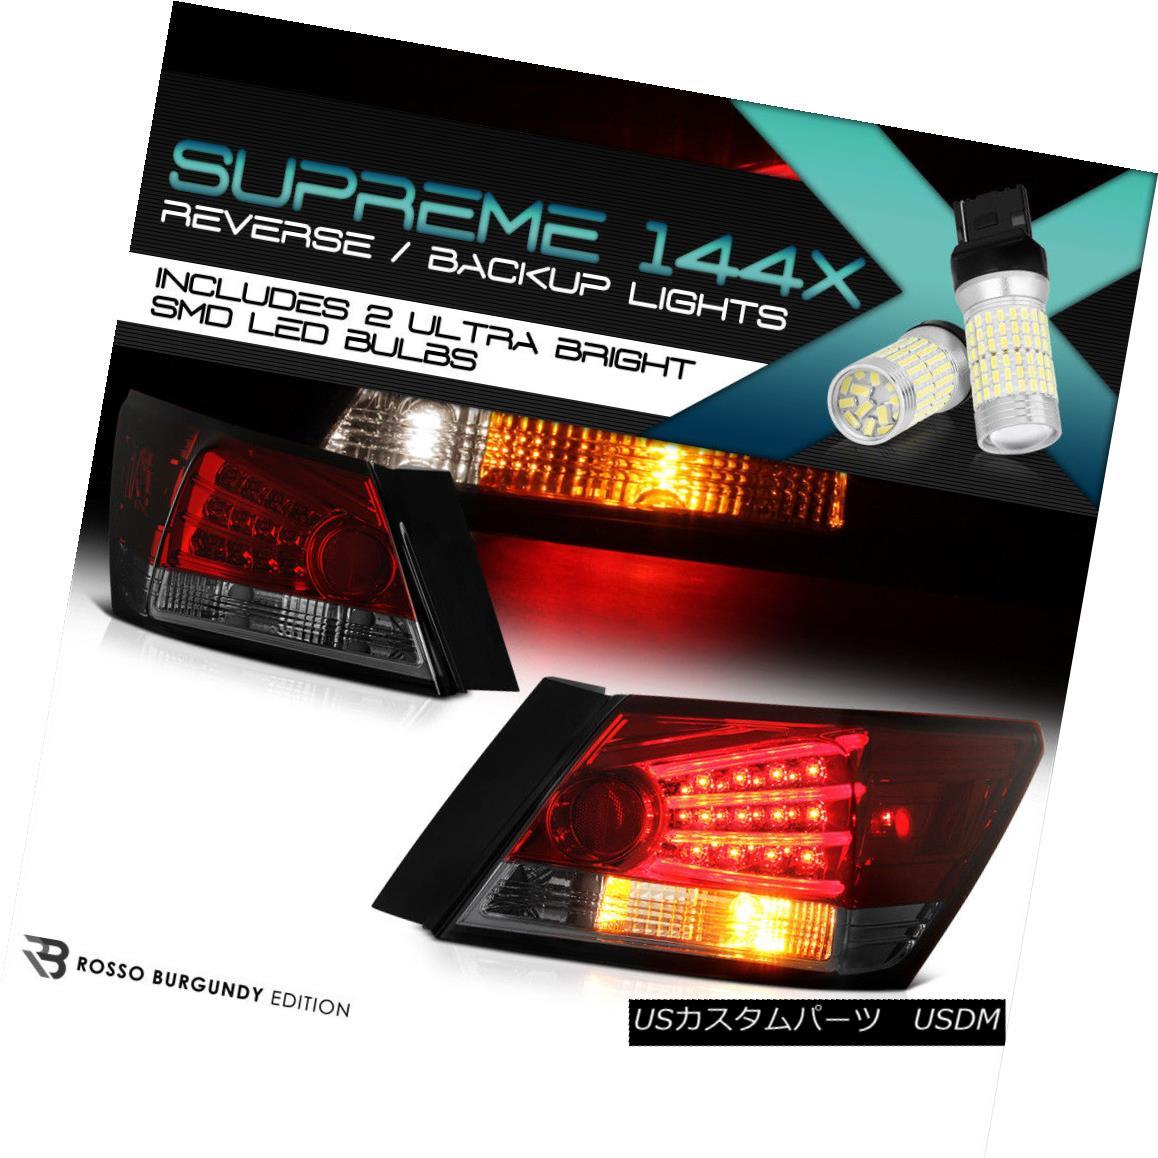 テールライト !Full SMD Backup! Honda 2008-2012 Accord Sedan CP LED {SMOKING RED} Tail Light !フルSMDバックアップ! ホンダ2008-2012アコードセダンCP LED {喫煙赤}テールライト